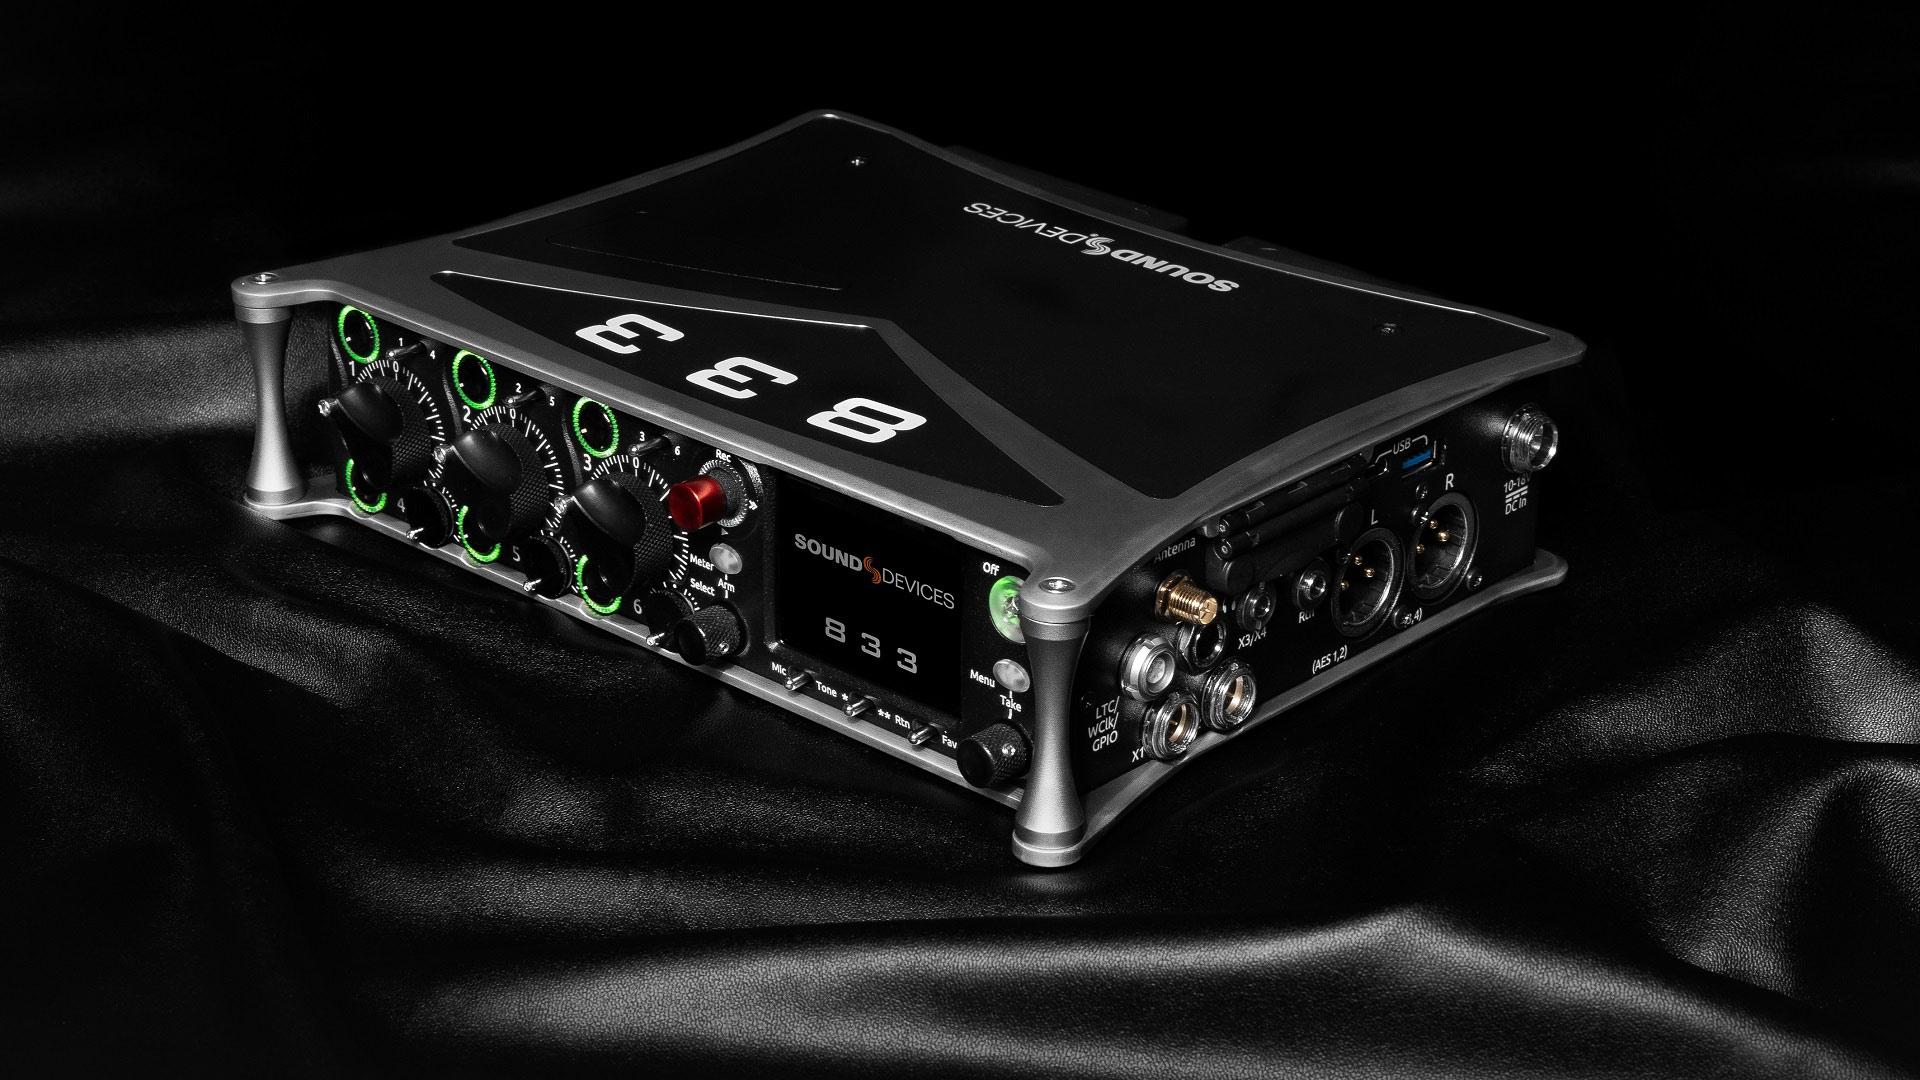 Anuncian el Sound Devices 833 - mezclador-grabador compacto portátil